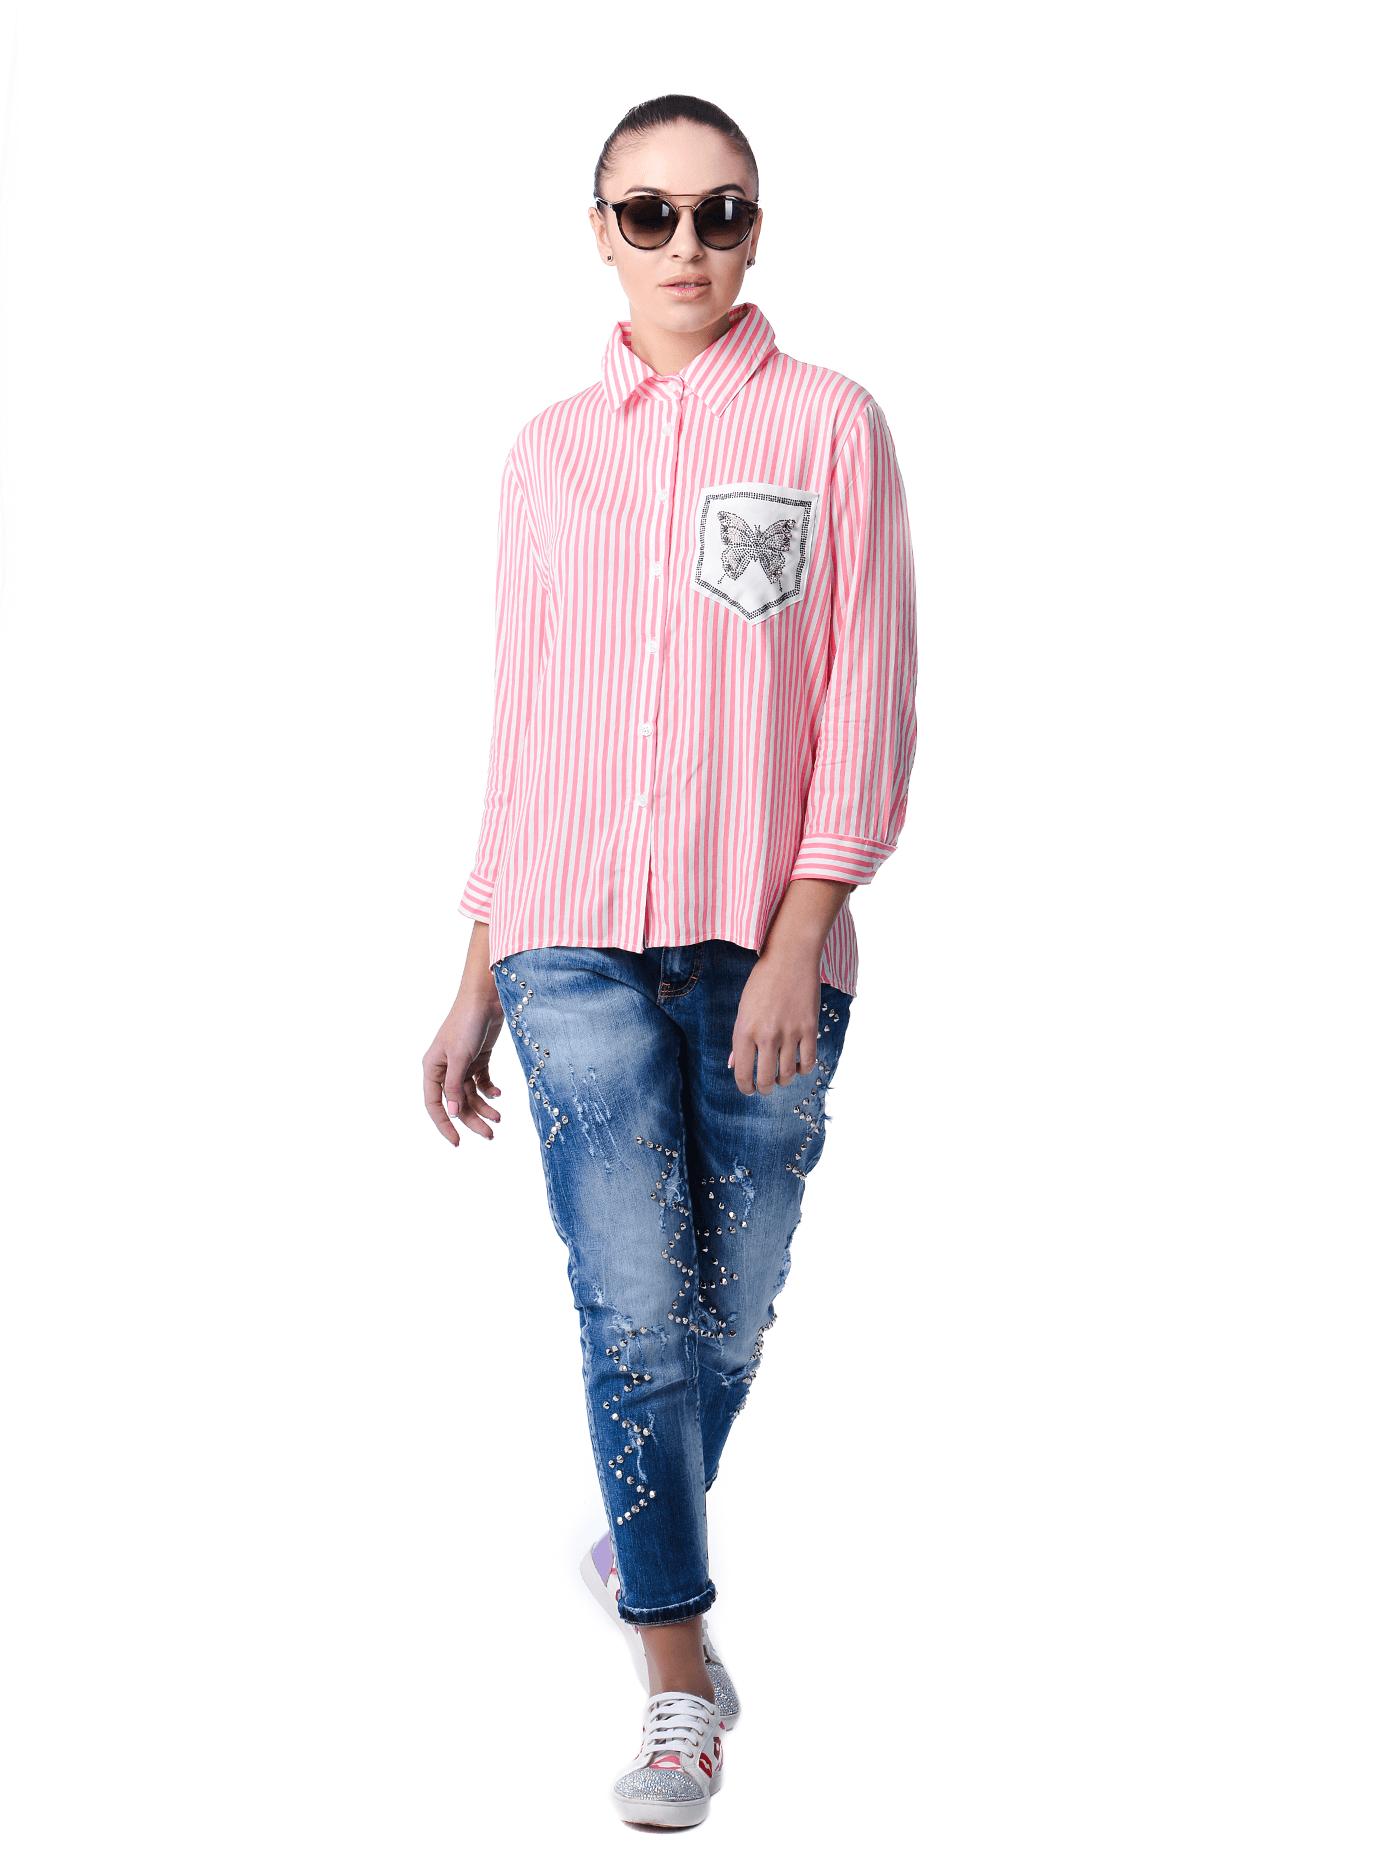 Рубашка женская Серый 42 (01-O17016): фото - Alster.ua